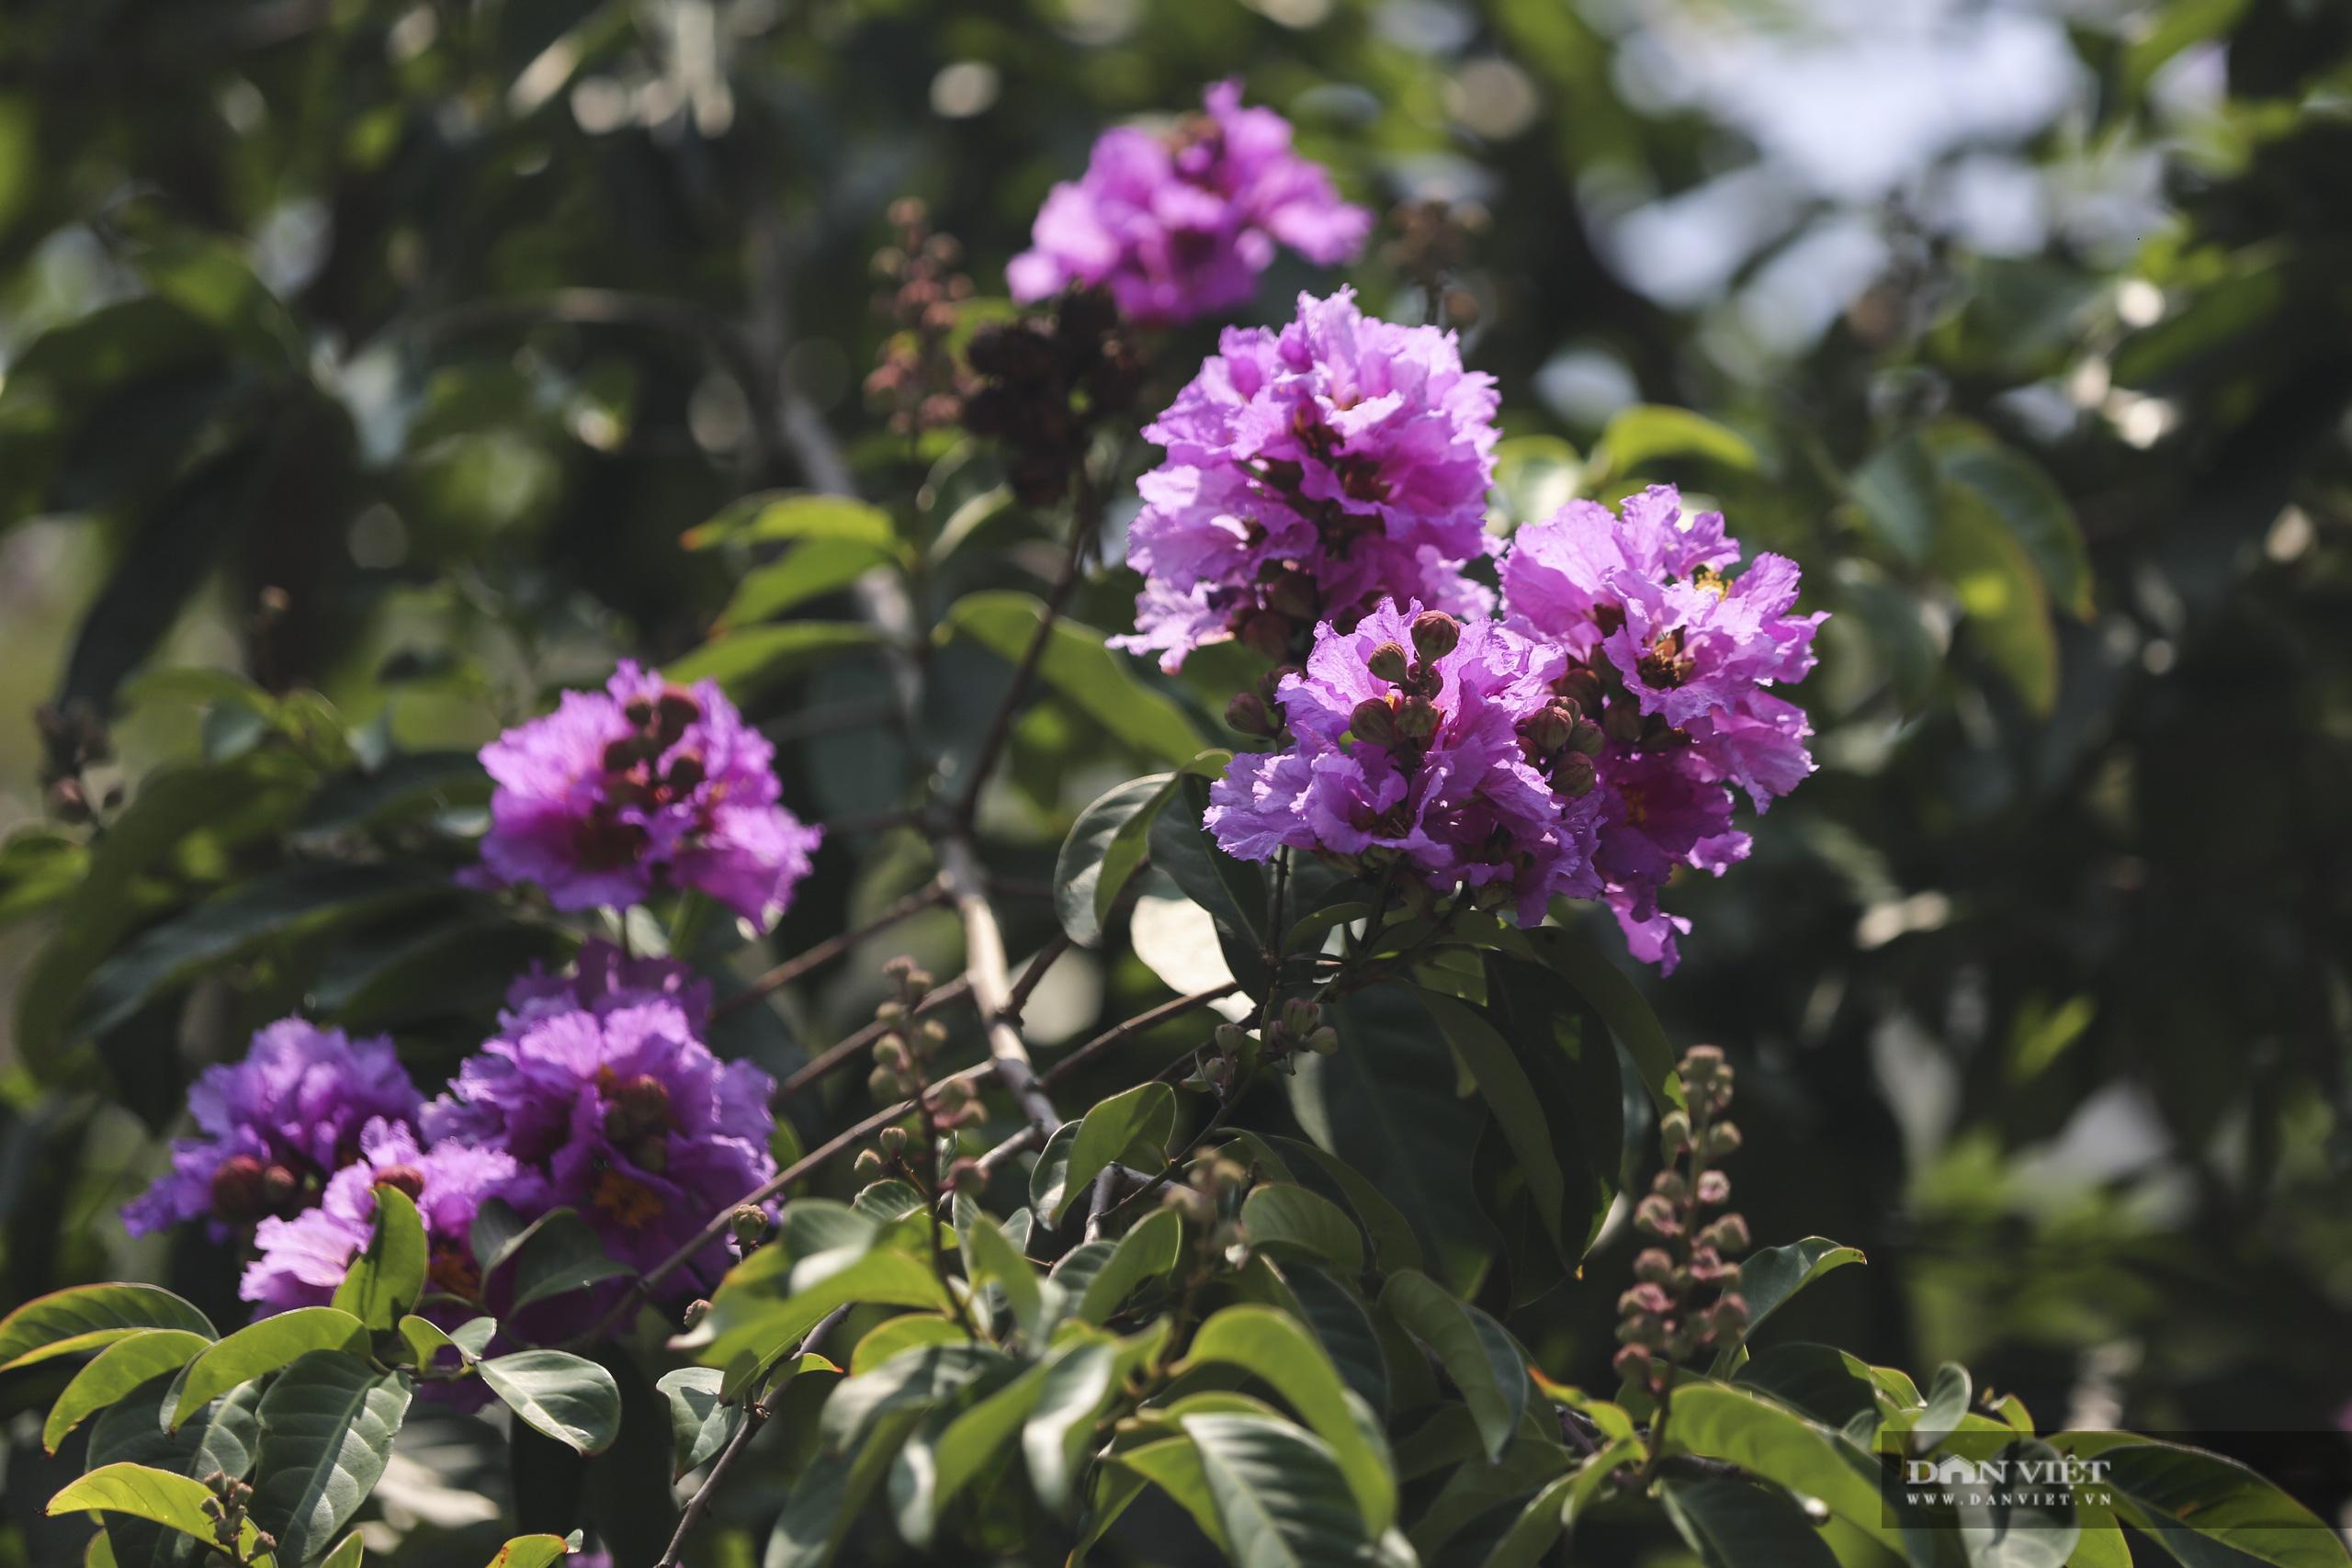 Hoa bằng lăng: loài hoa biểu tượng của sự thủy chung nở rộ khắp đường phố Hà Nội - Ảnh 9.